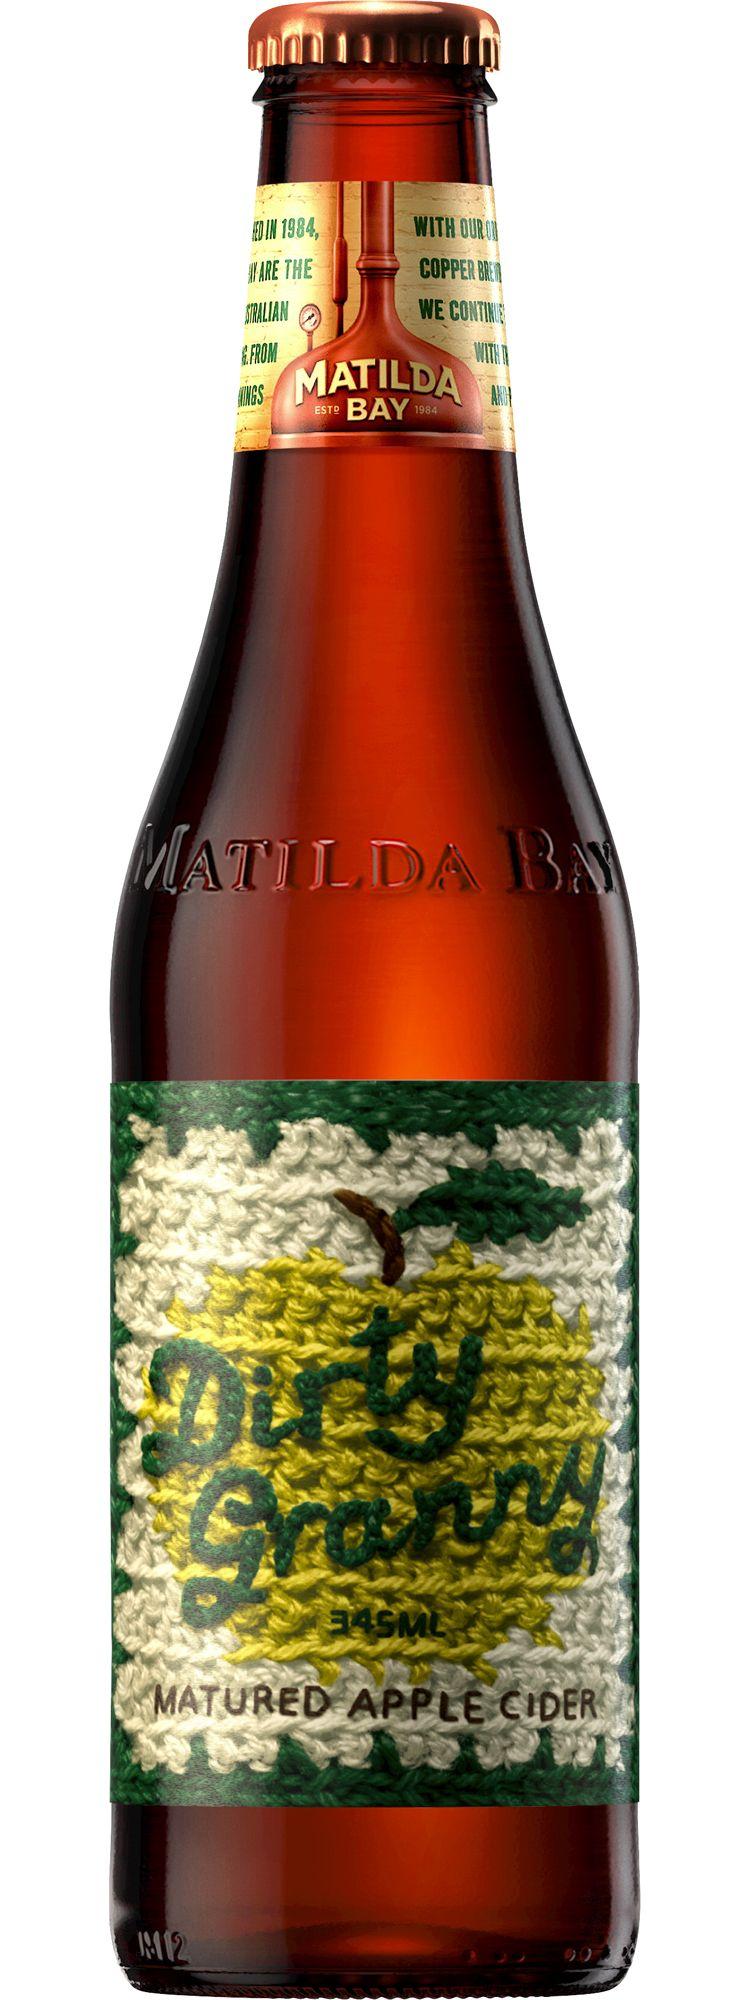 Pin By Graham Friend On Ahh Cider In Cider Dealing Apple Cider Cider Champagne Bottle